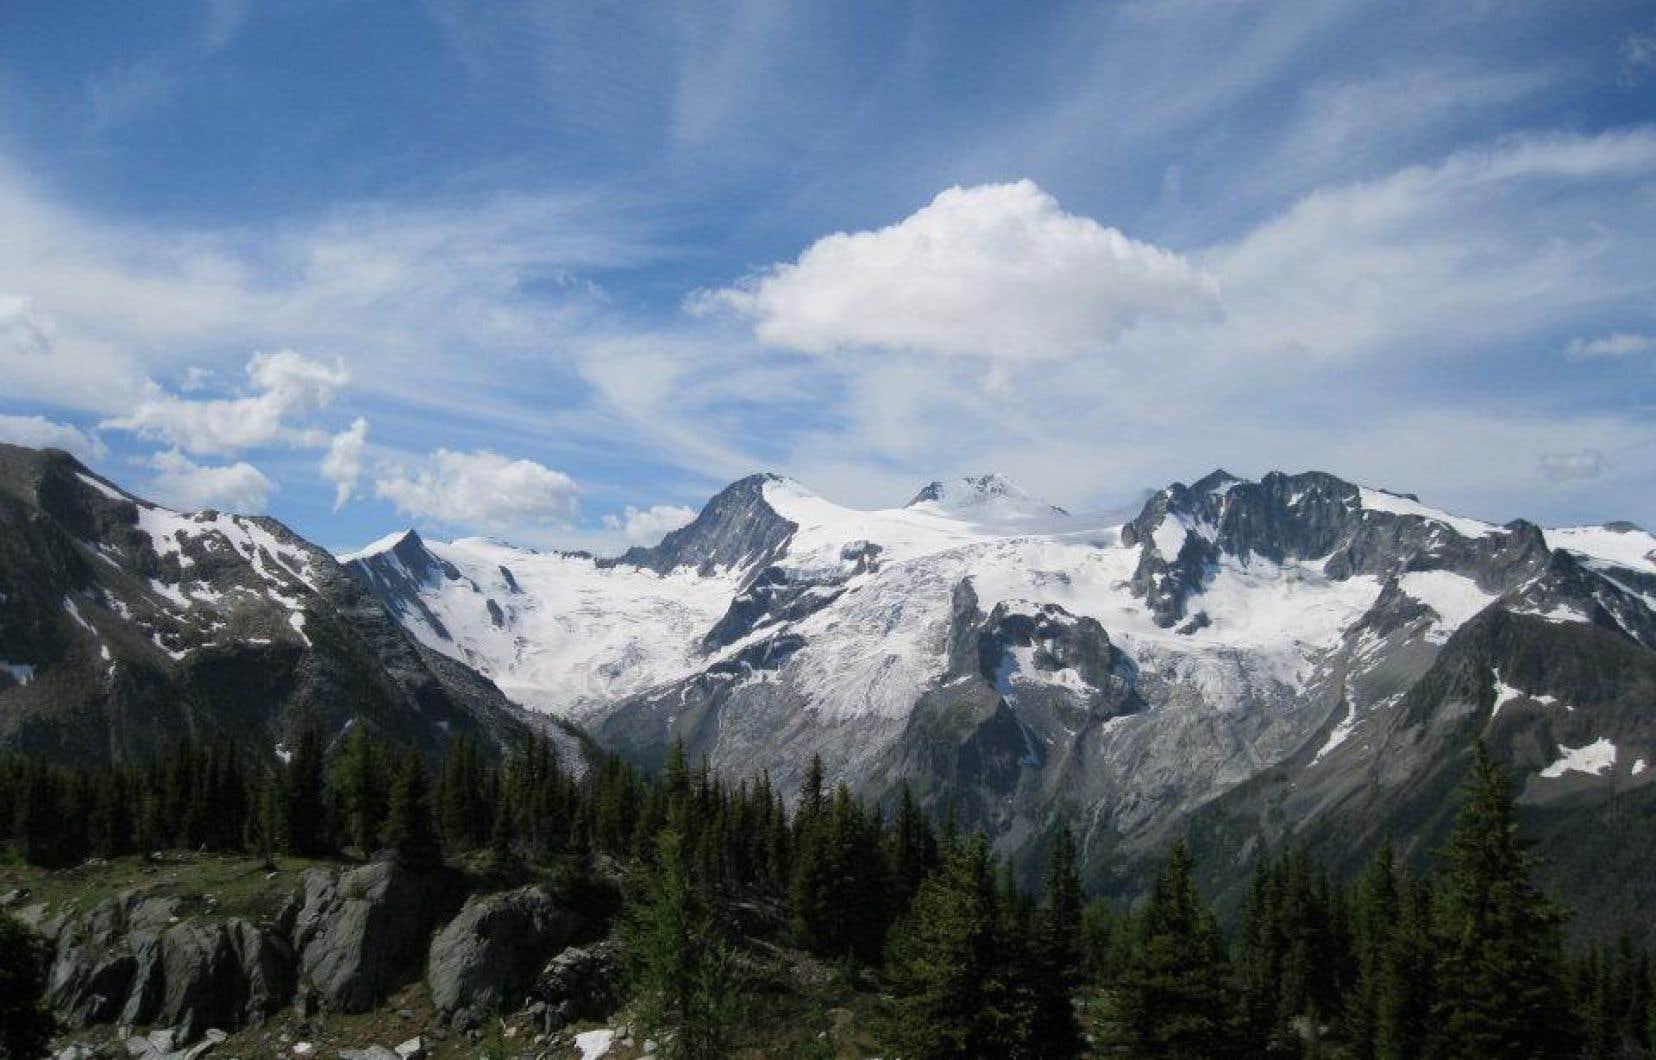 La montagne Jumbo, ouQat'muk, comme la dénomme la Première Nation Ktunaxa